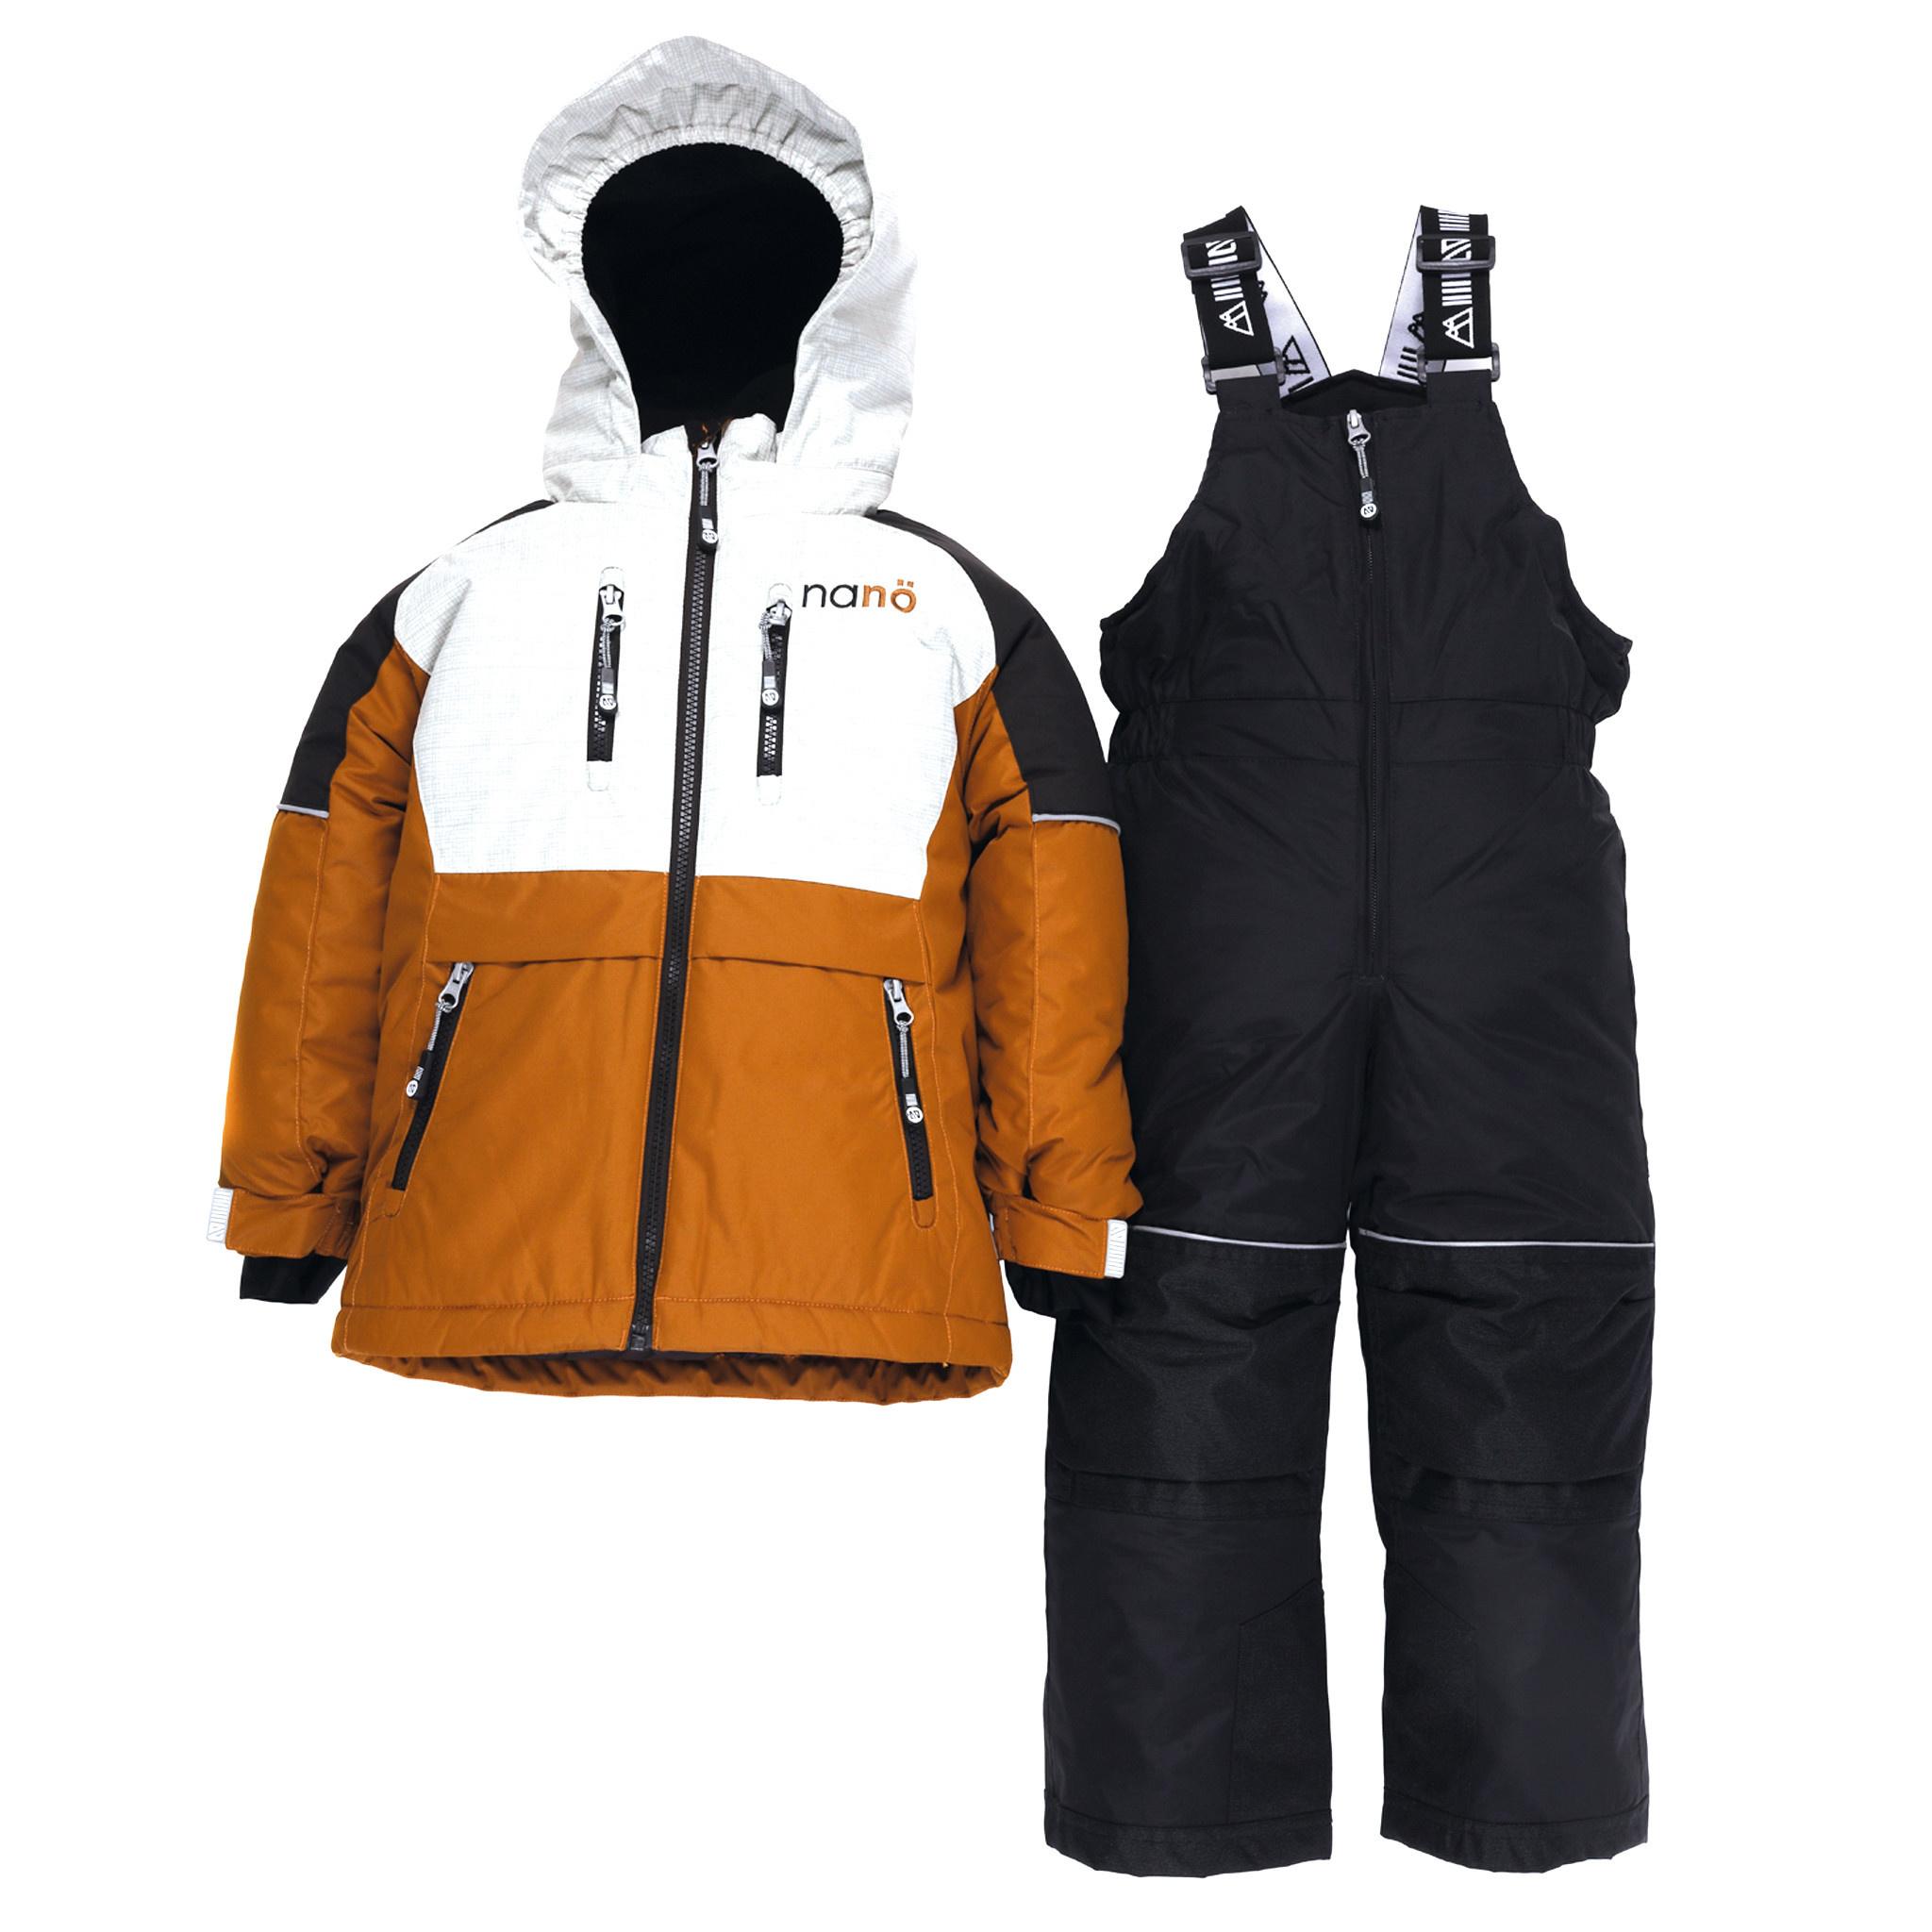 Habit de neige - Mont Sandford-1